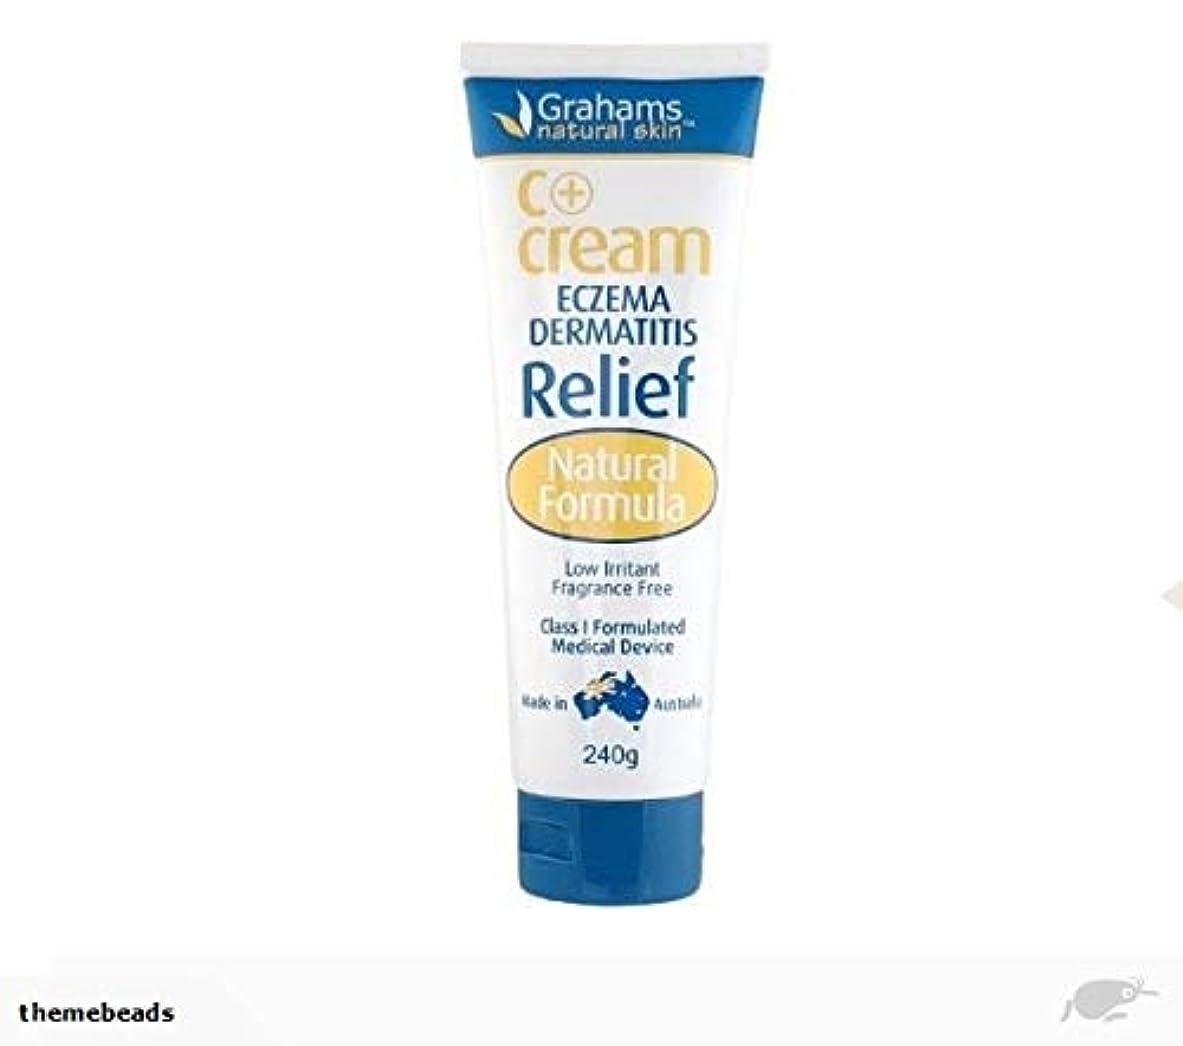 考え社員鮫[Grahams] 湿疹 かぶれ肌に C+クリーム 無香料 低刺激 (C+ Cream ECZEMA DERMATITIS Relif) 240g [海外直送品]